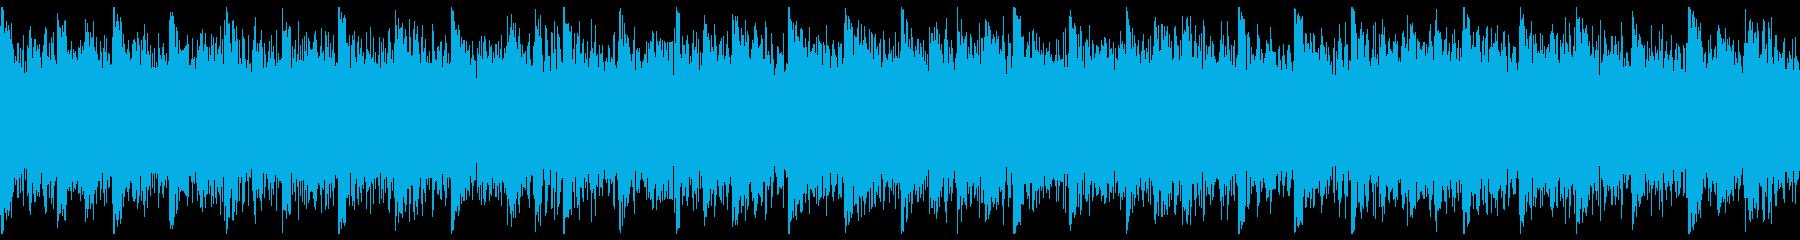 未来的で攻撃的なトラック-ループ2の再生済みの波形